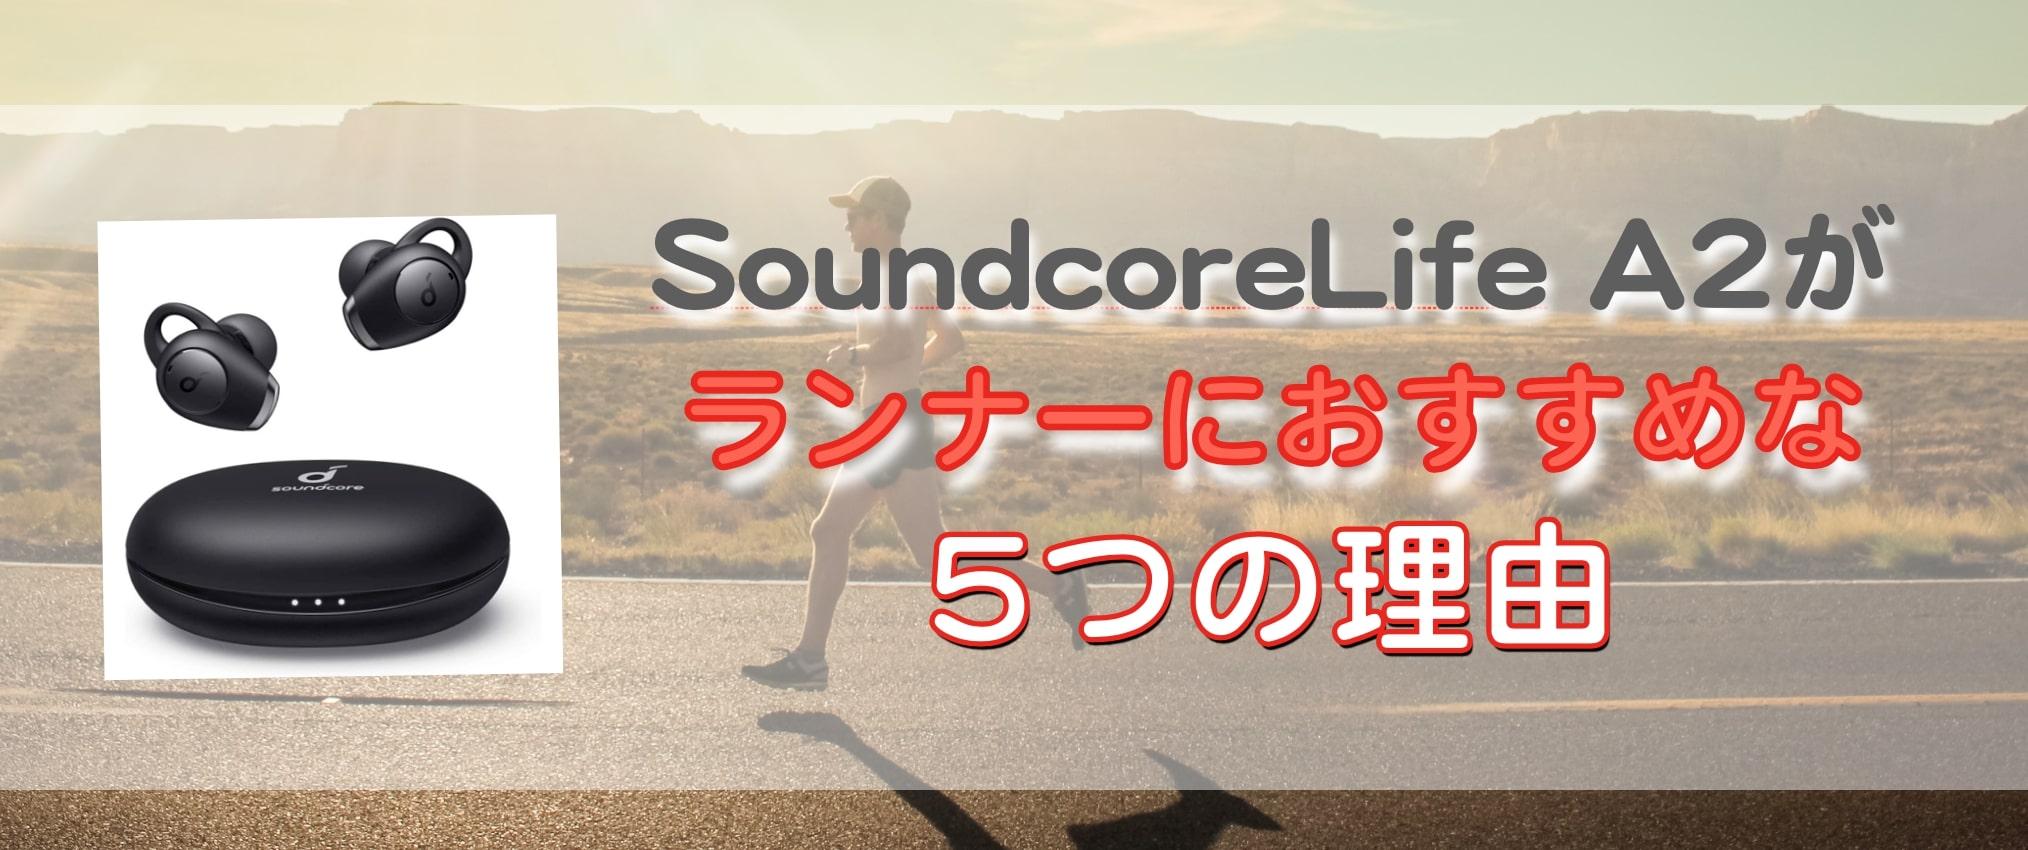 SoundcoreLife A2がランナーにおすすめな5つの理由.